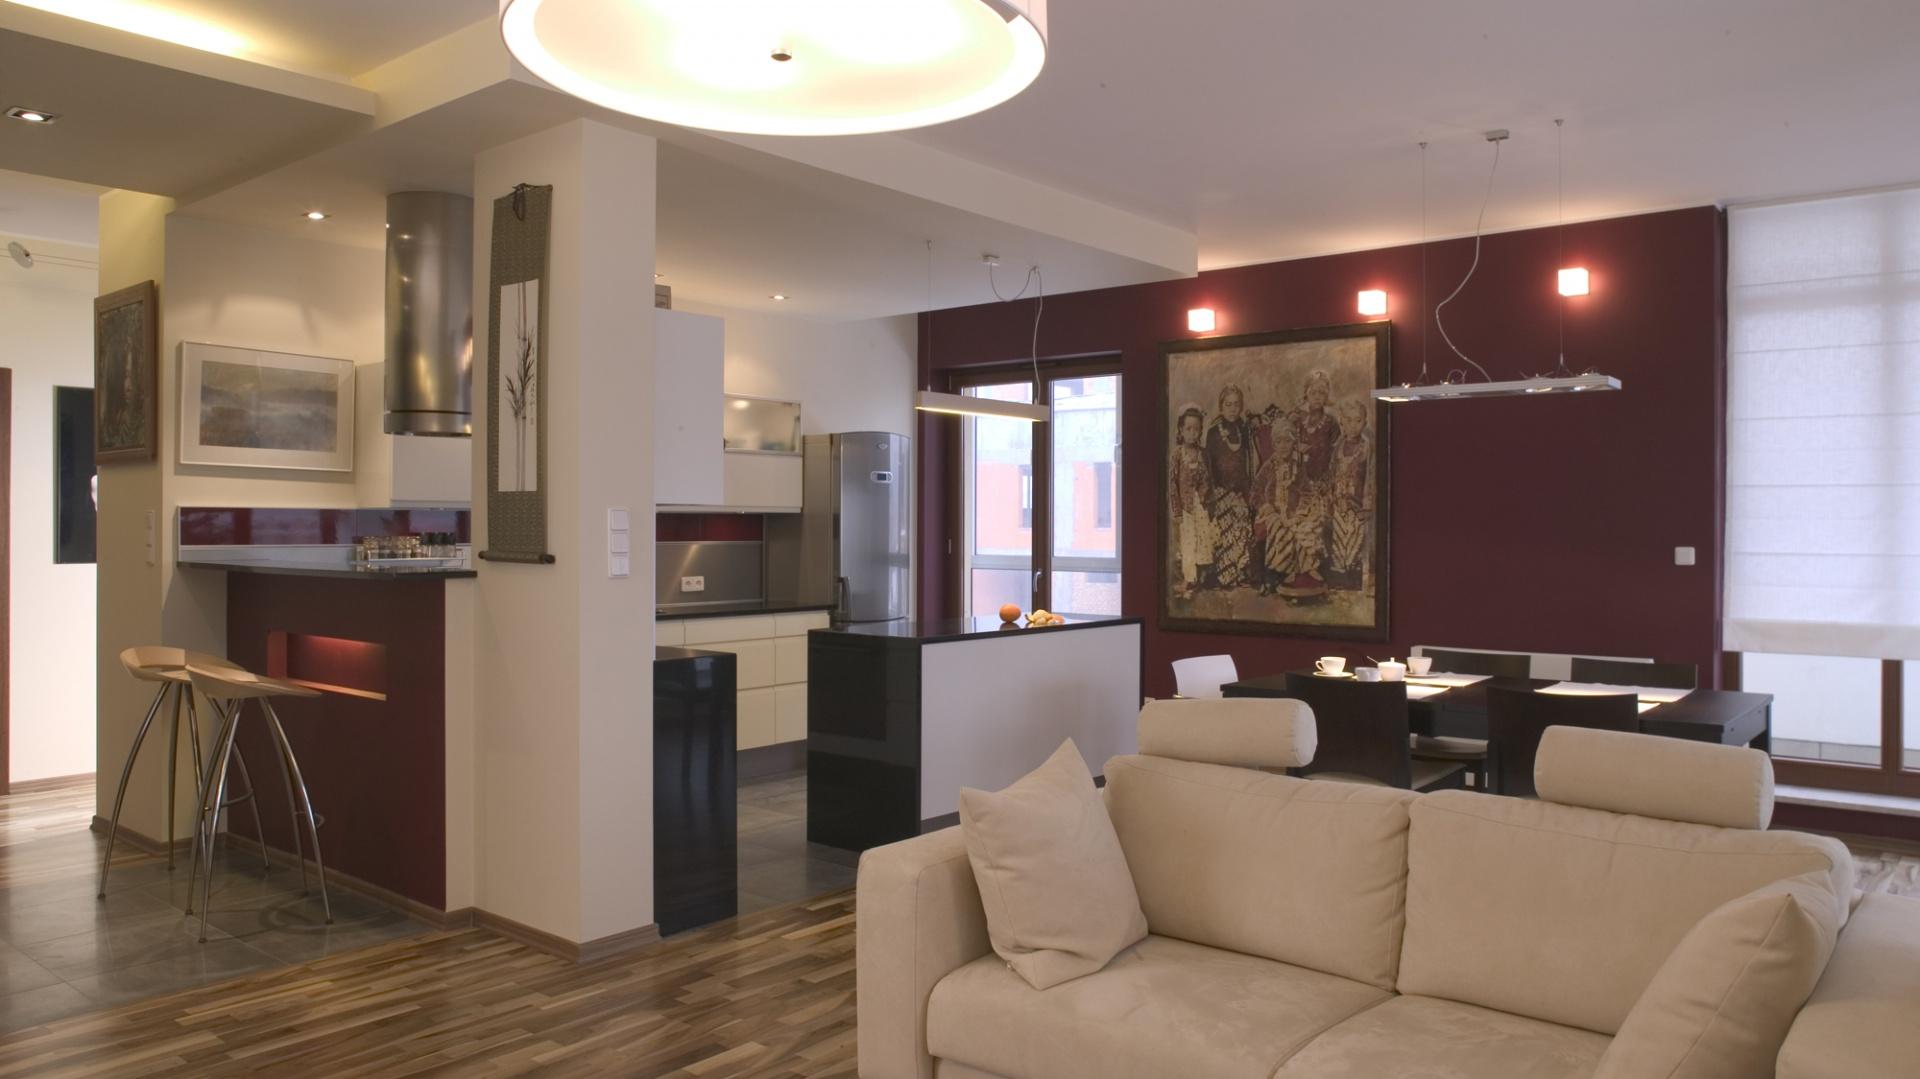 """Pomieszczenie """"podtrzymywane"""" jest dwoma filarami, wyznaczającymi granicę między salonem a jadalnią i kuchnią. Fot. Tomek Markowski."""